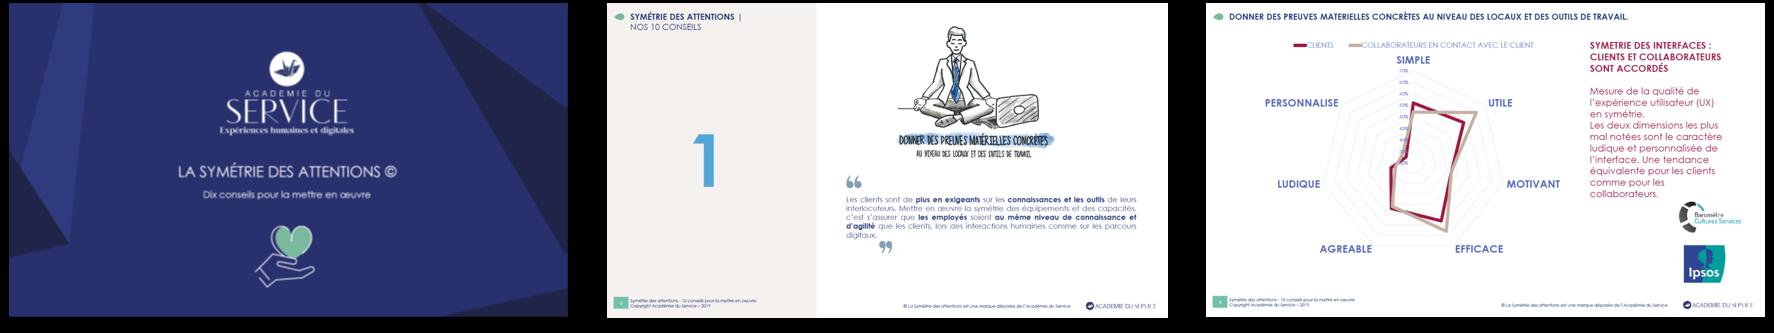 20190516 10 conseils Symétrie des Attentions